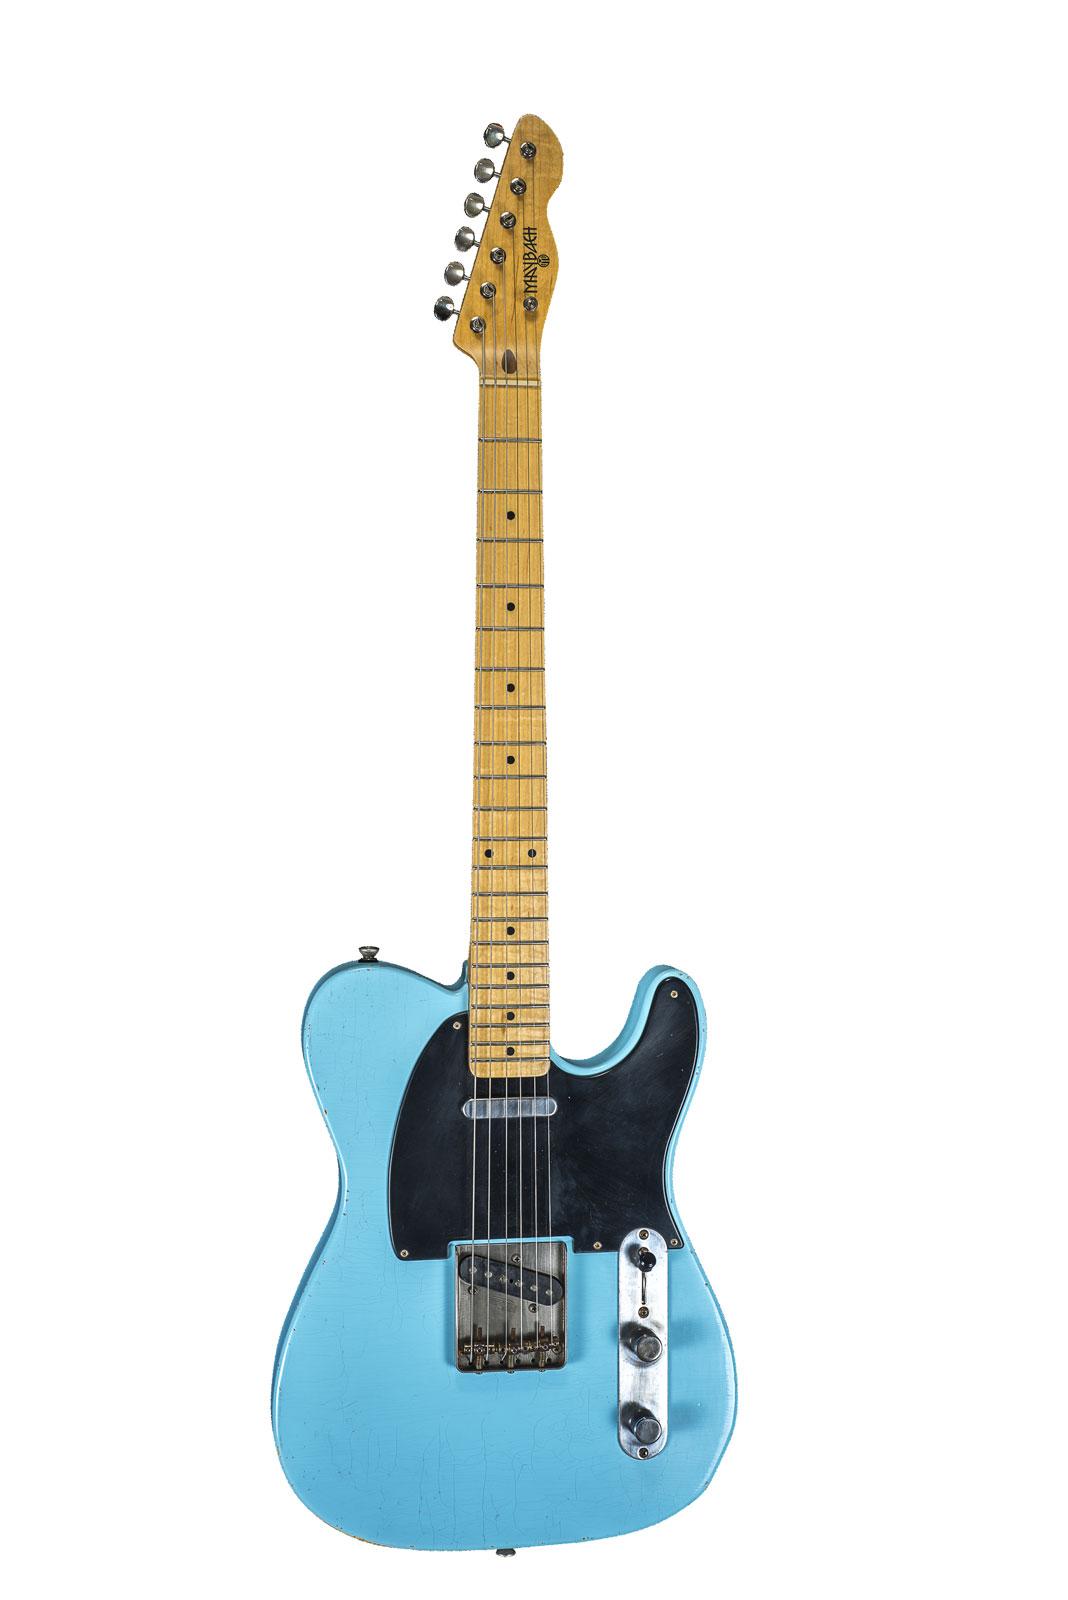 Maybach Teleman T54 Caddy Blue Aged + Etui